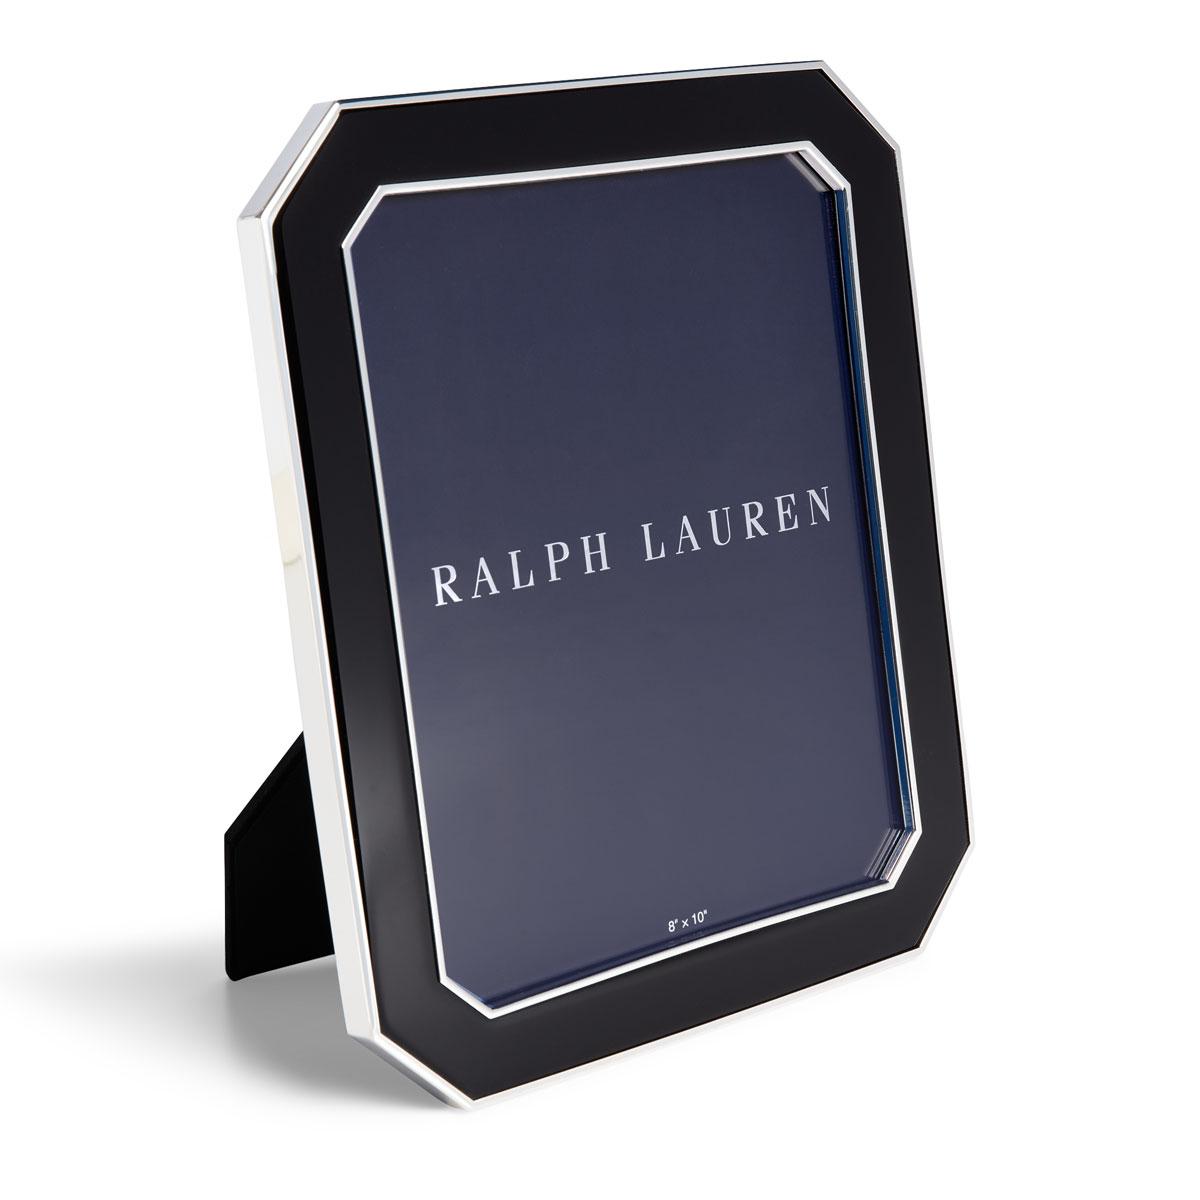 """Ralph Lauren Becker 8""""x10"""" Frame, Black and Silver"""